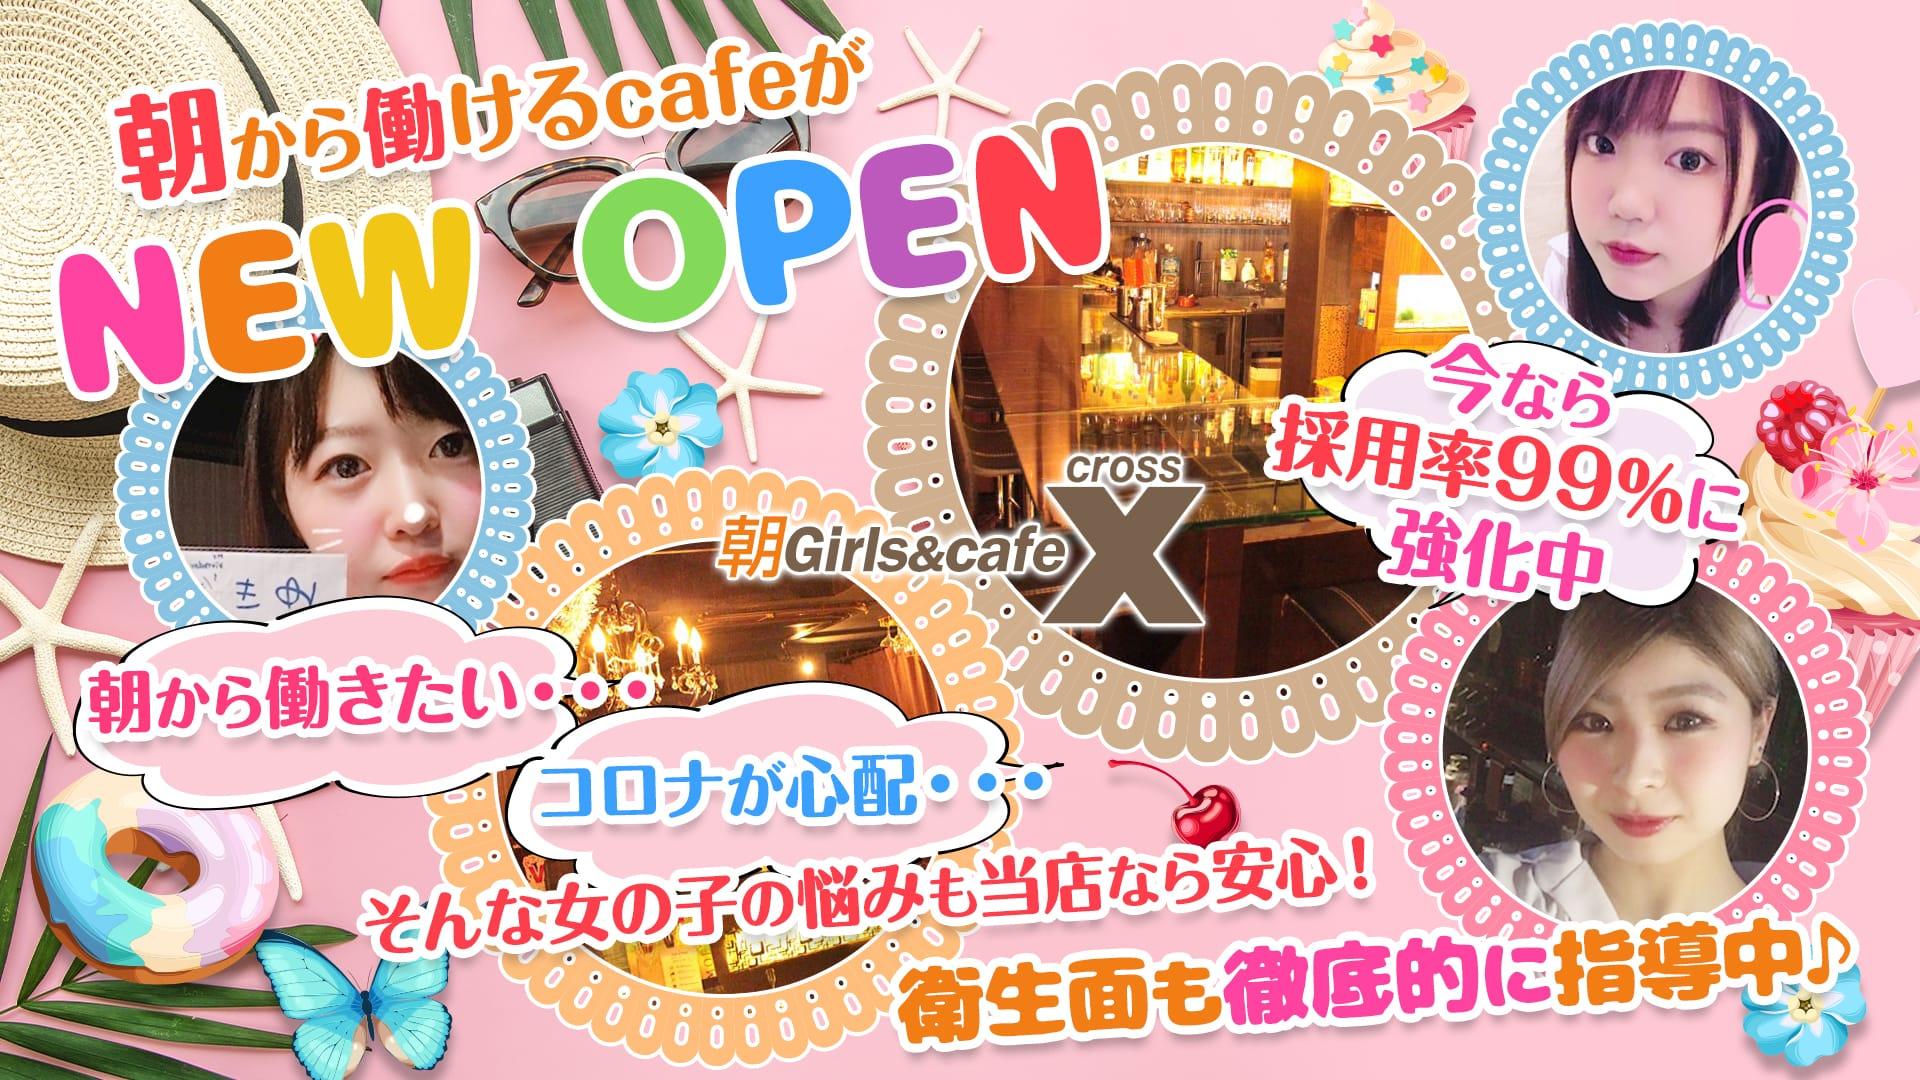 朝Girls&cafe X(クロス) 渋谷ガールズバー TOP画像